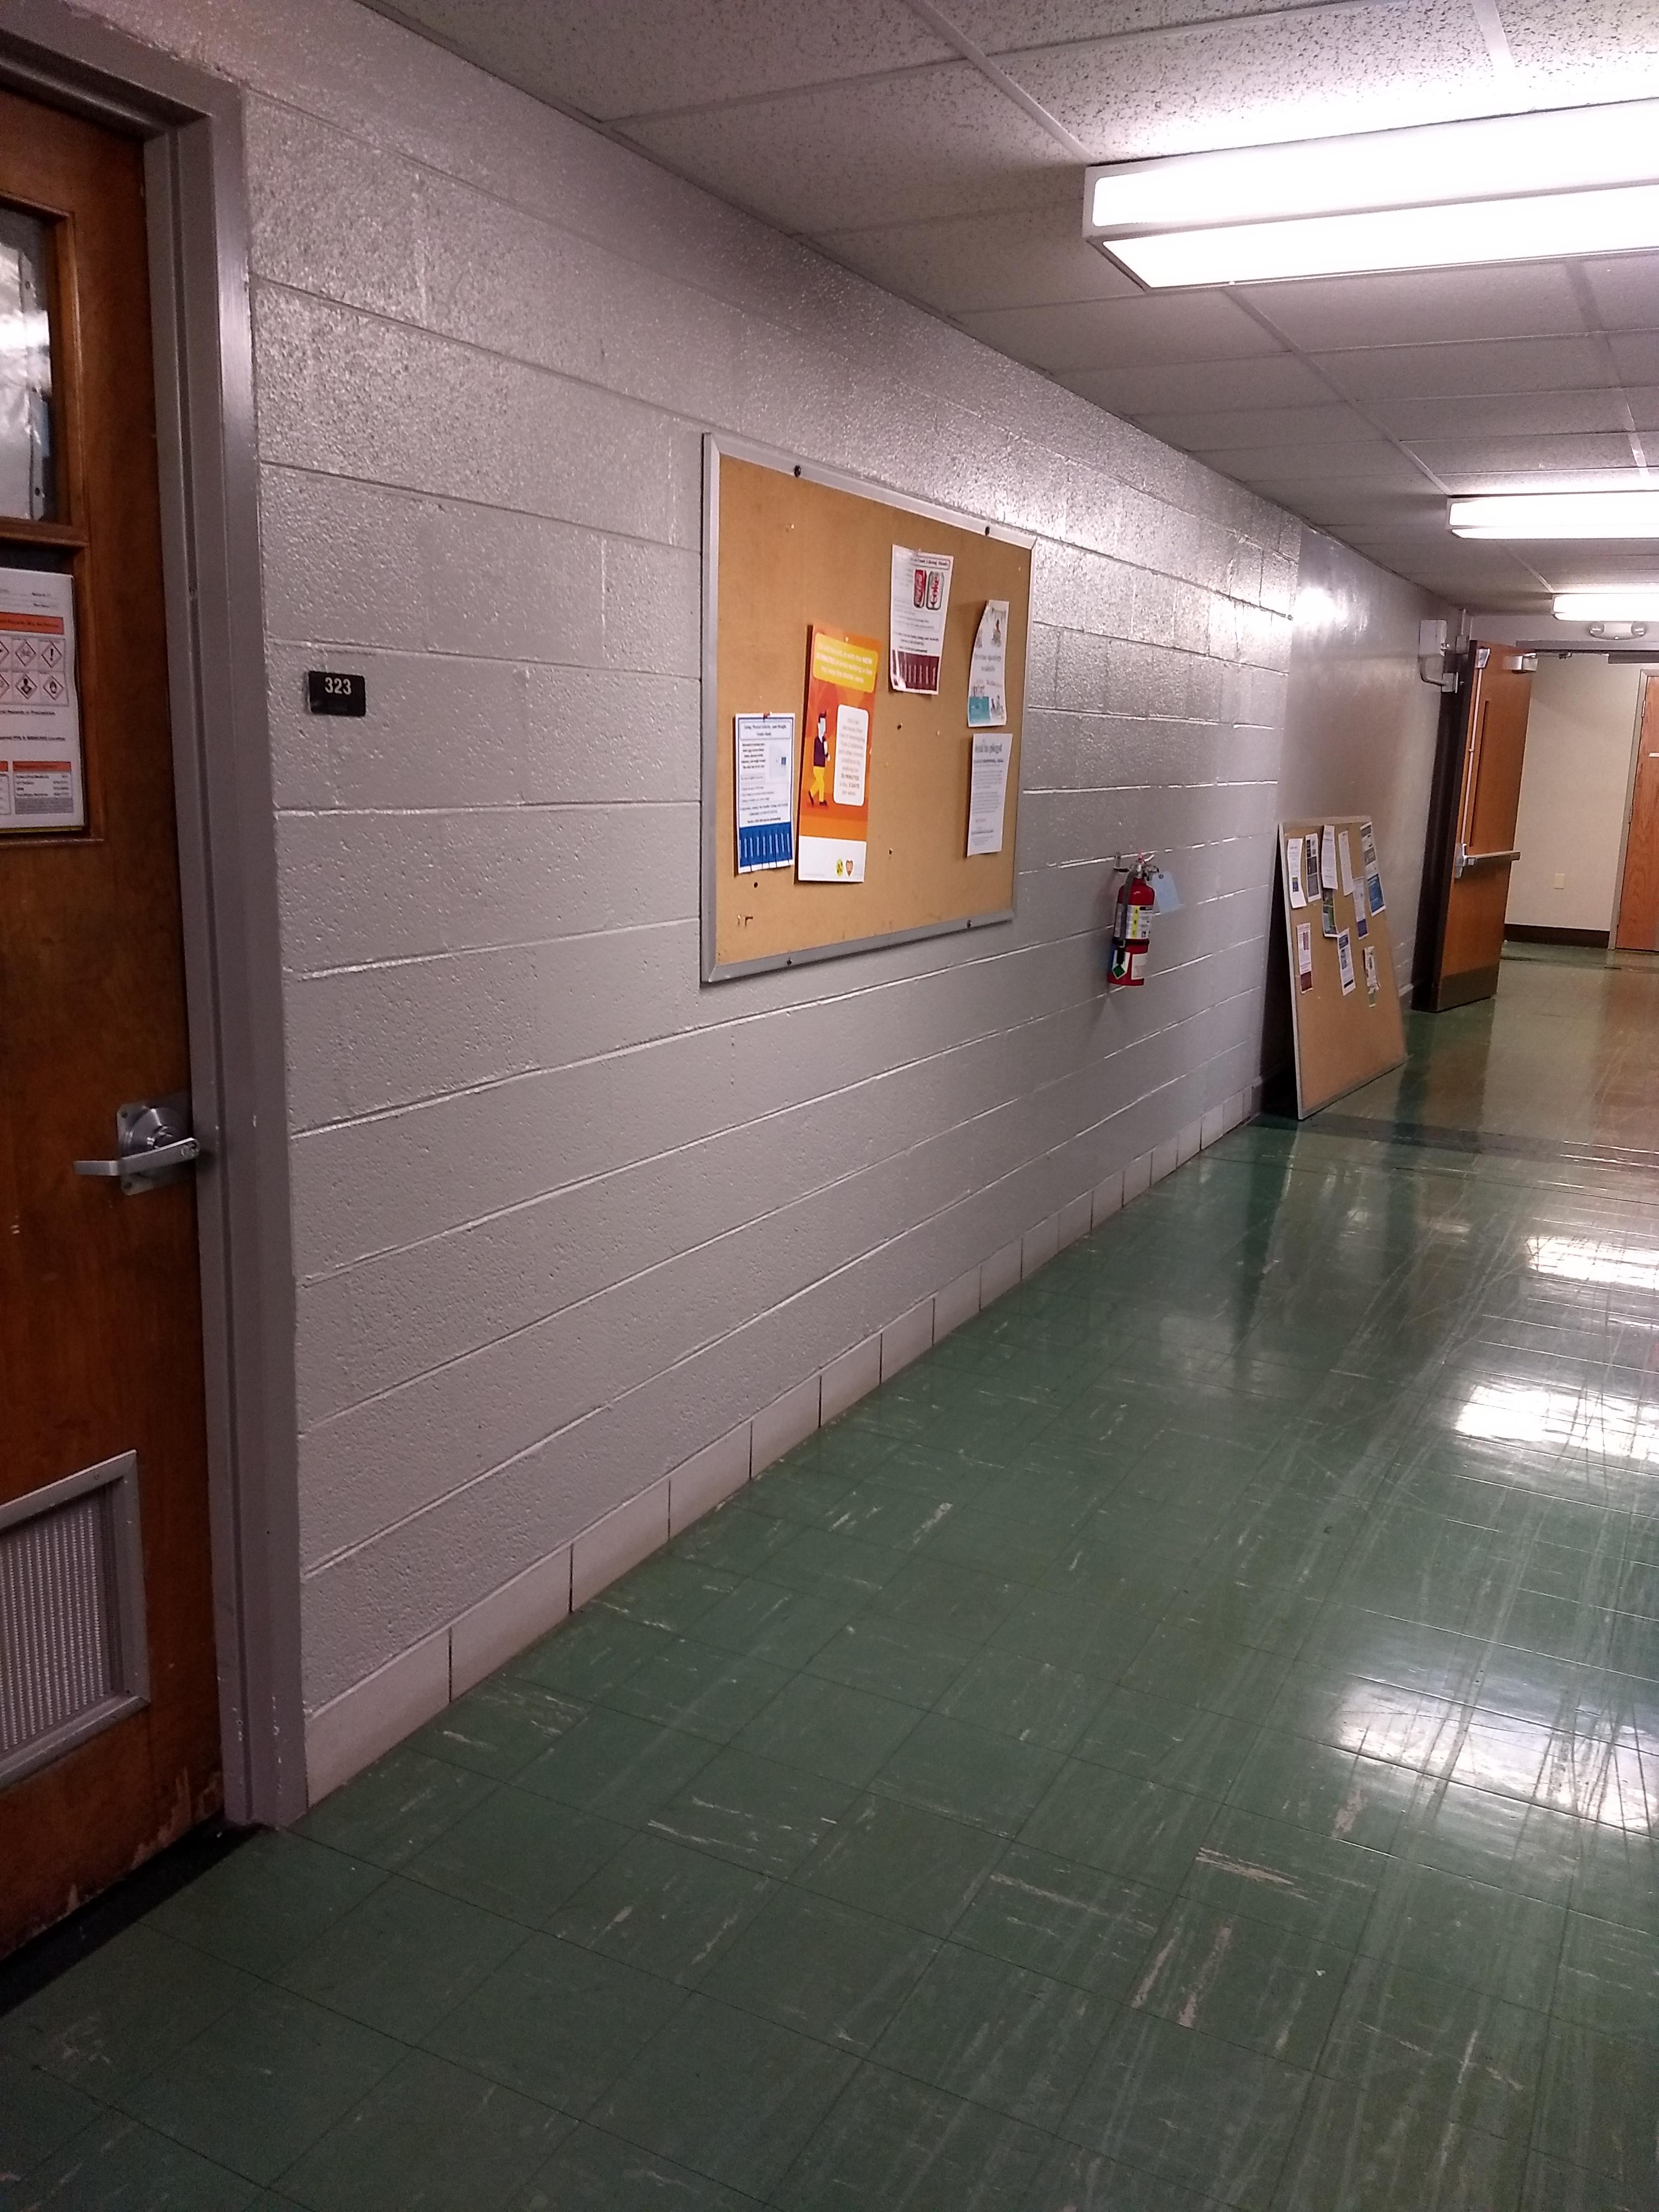 3rd floor next to room 323